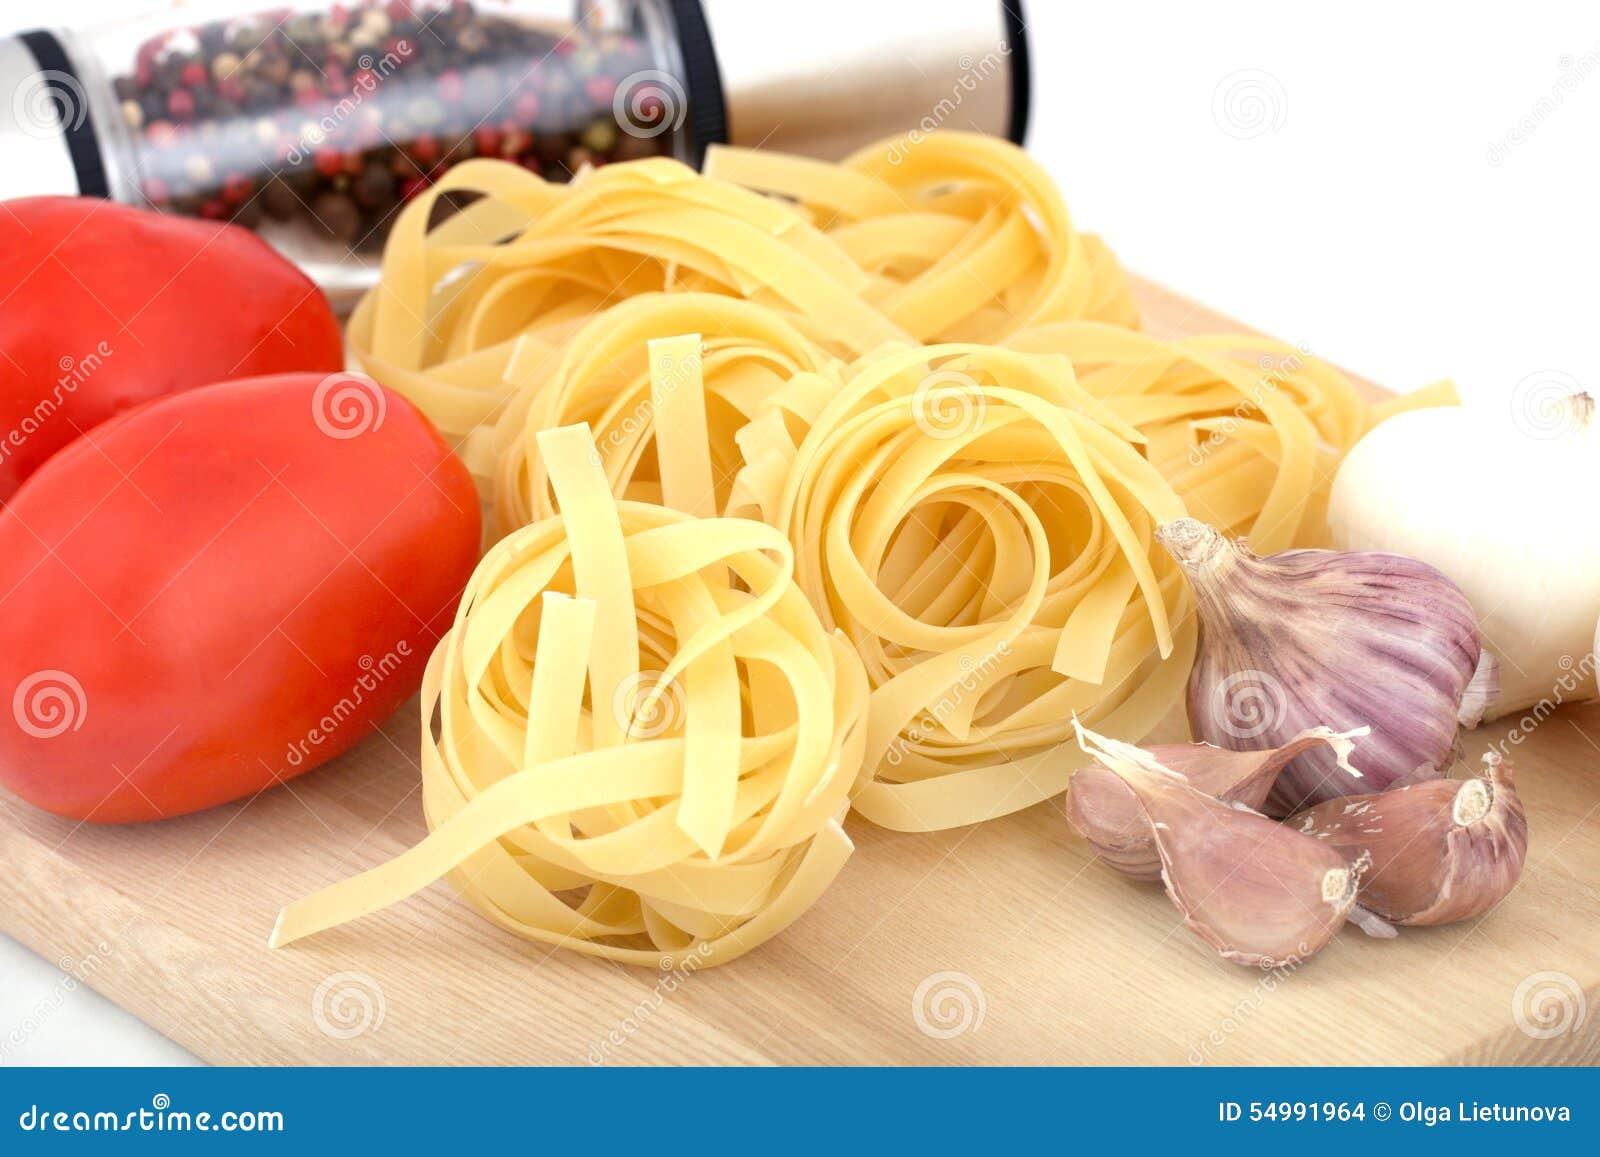 Förberedelse: pastatagliatelle, tomat, lök, peppar, vitlök